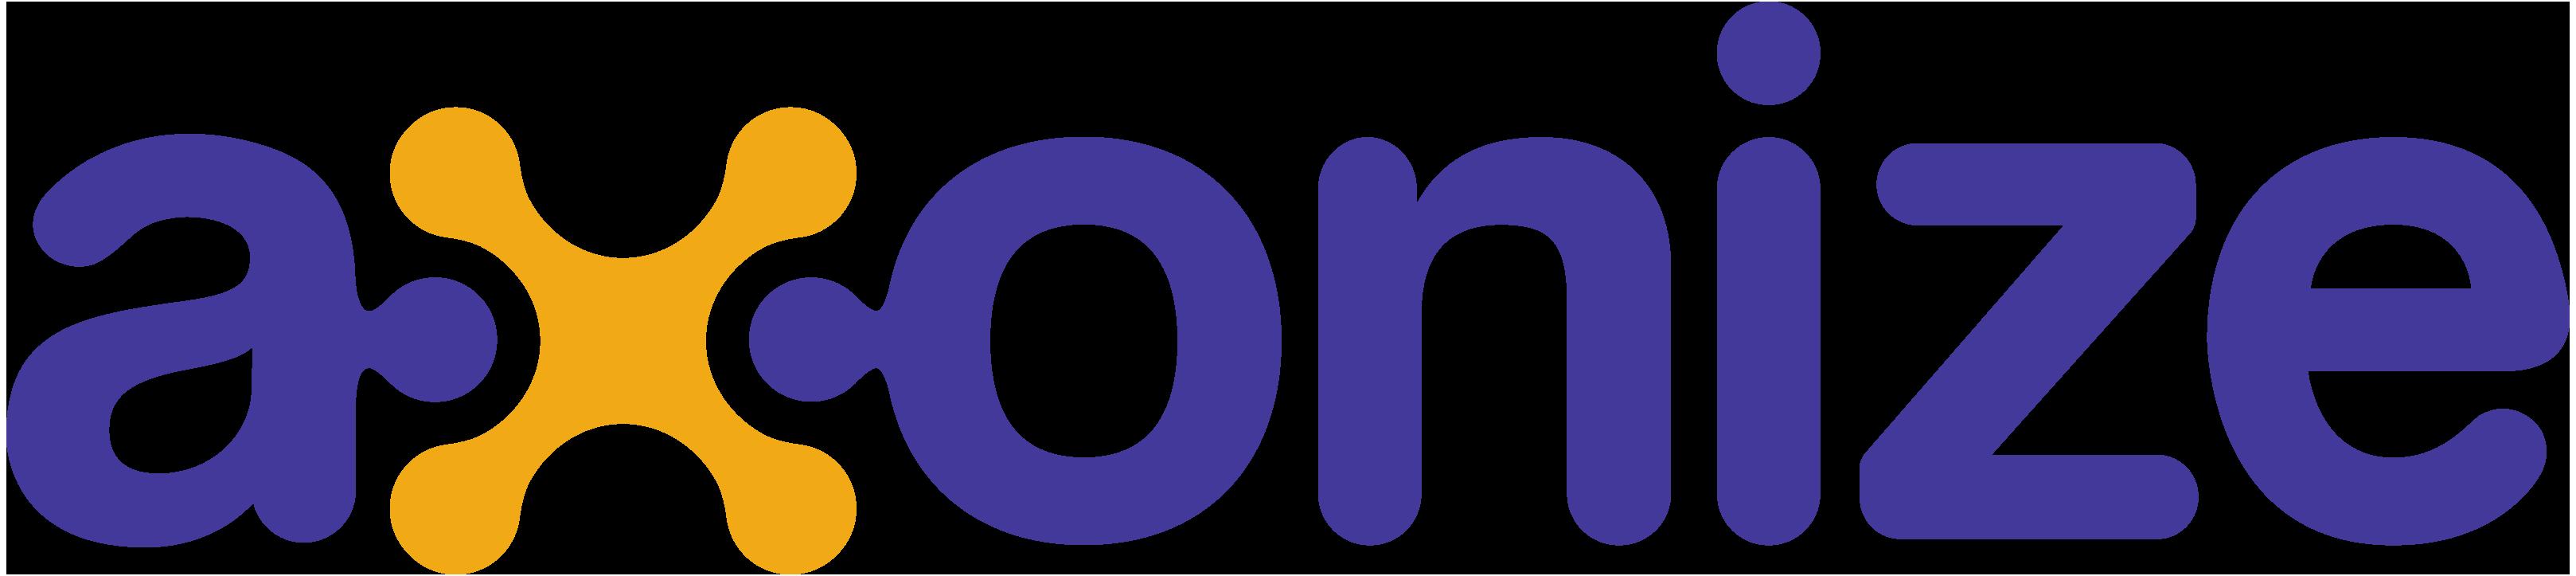 Axonize-logo.png